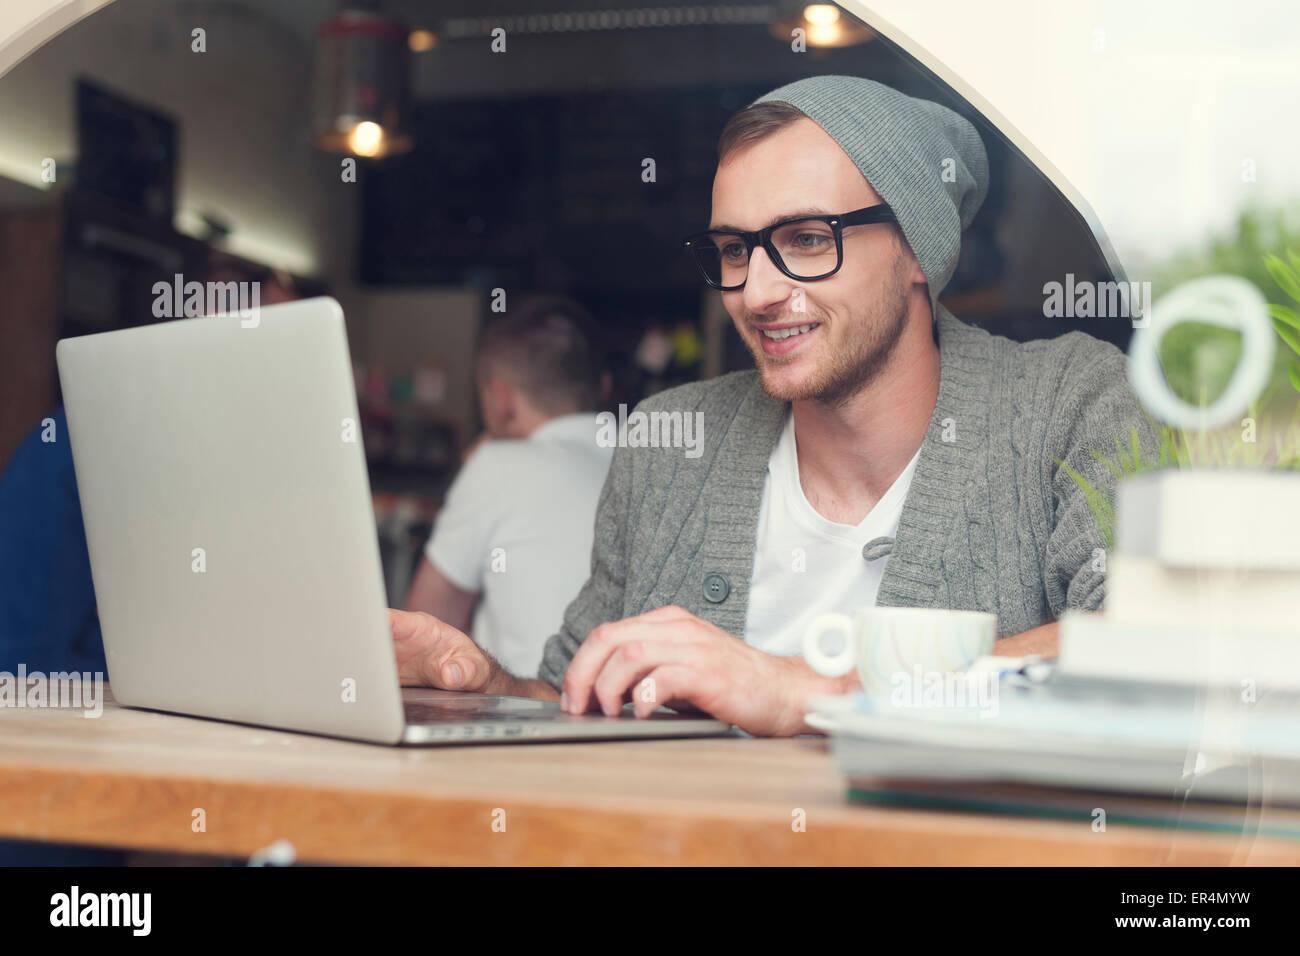 Bello hipster utilizzando computer portatile presso il cafe. Cracovia in Polonia Immagini Stock